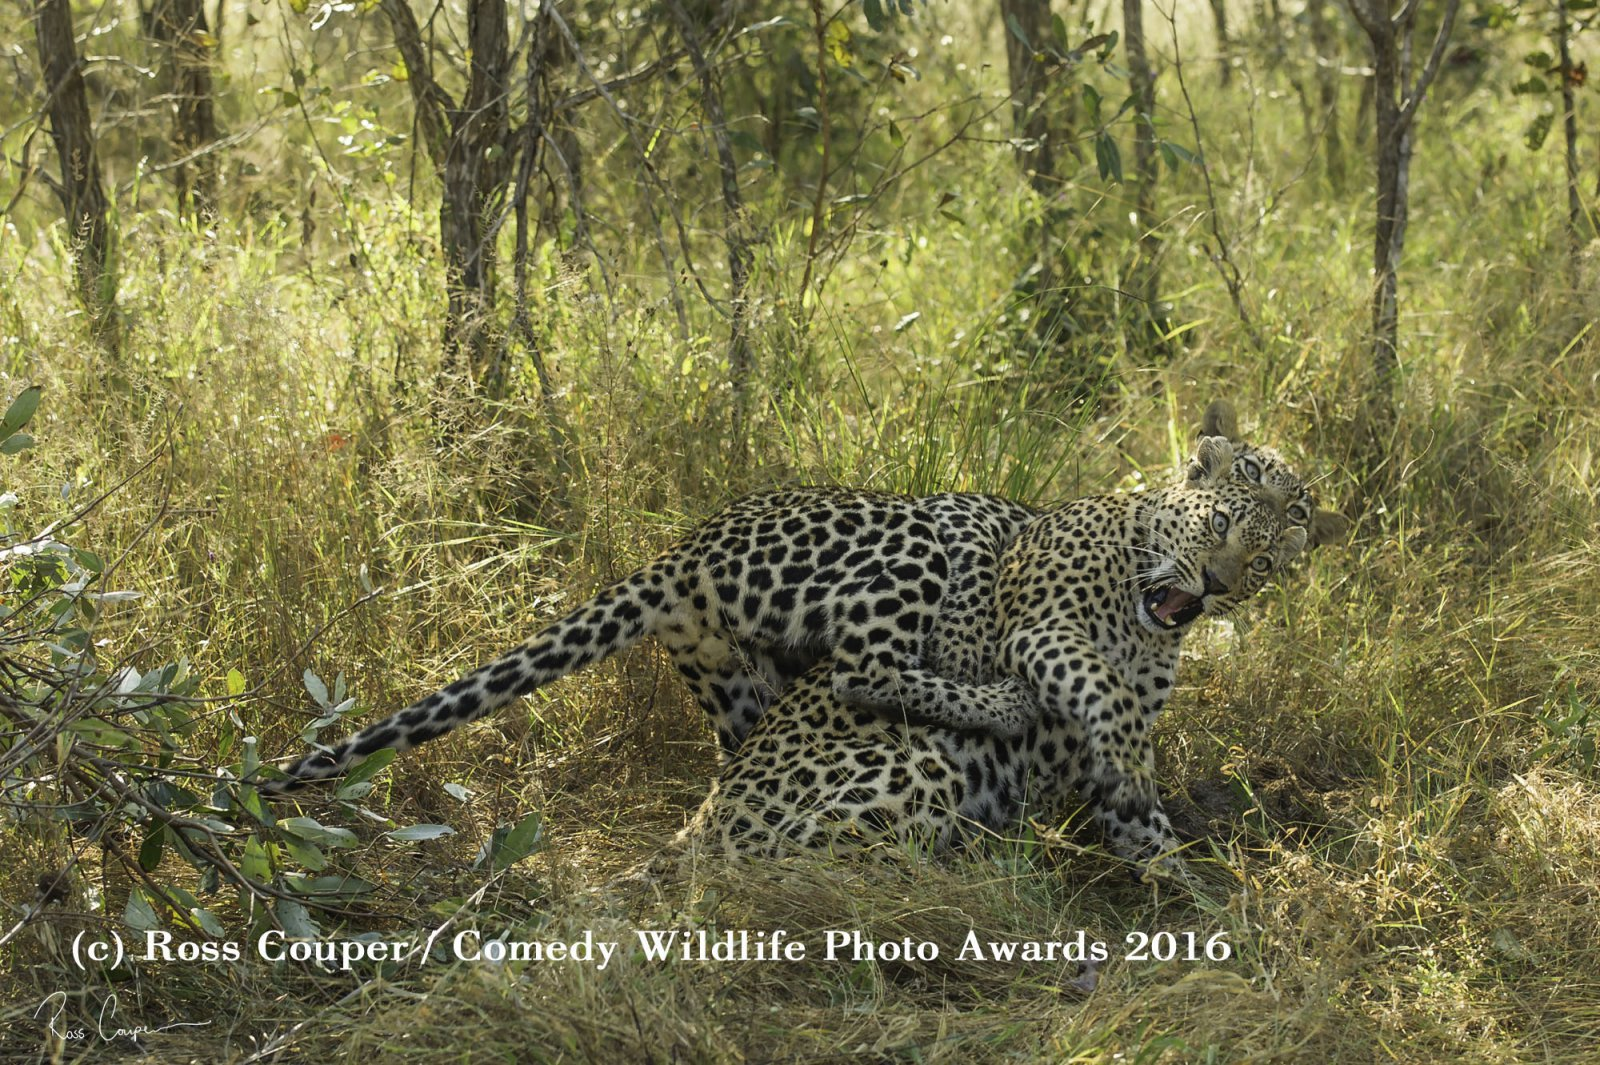 Reprodução/Comedy Wildlife Photo